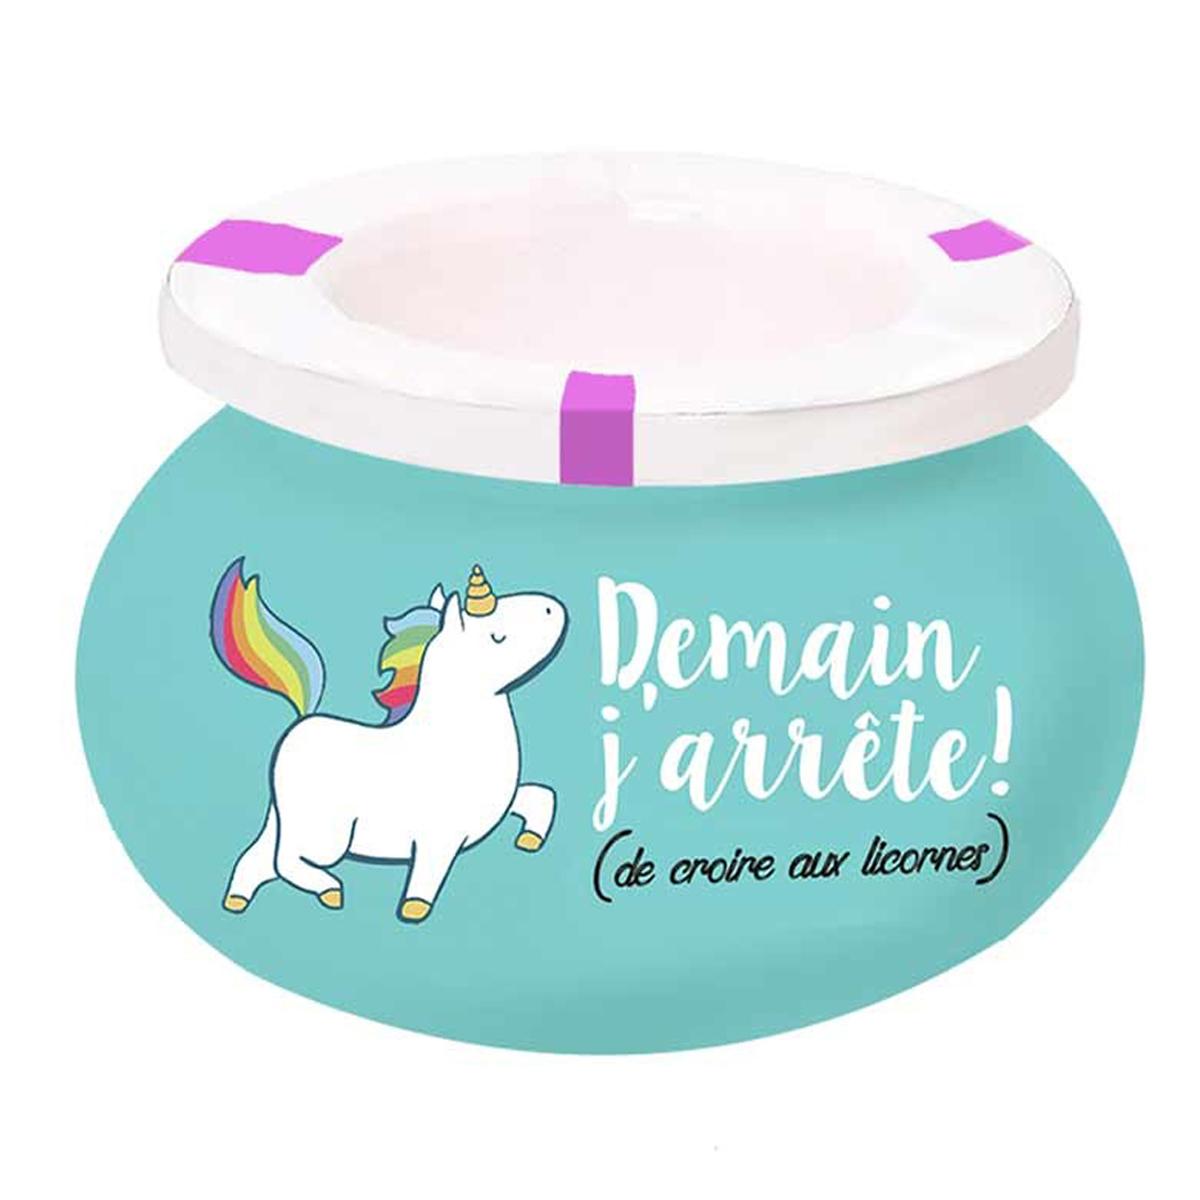 Cendrier marocain céramique \'Licorne My Unicorn\' turquoise (Demain j\'arrête ! de croire aux licornes) - 9x6 cm - [Q3675]